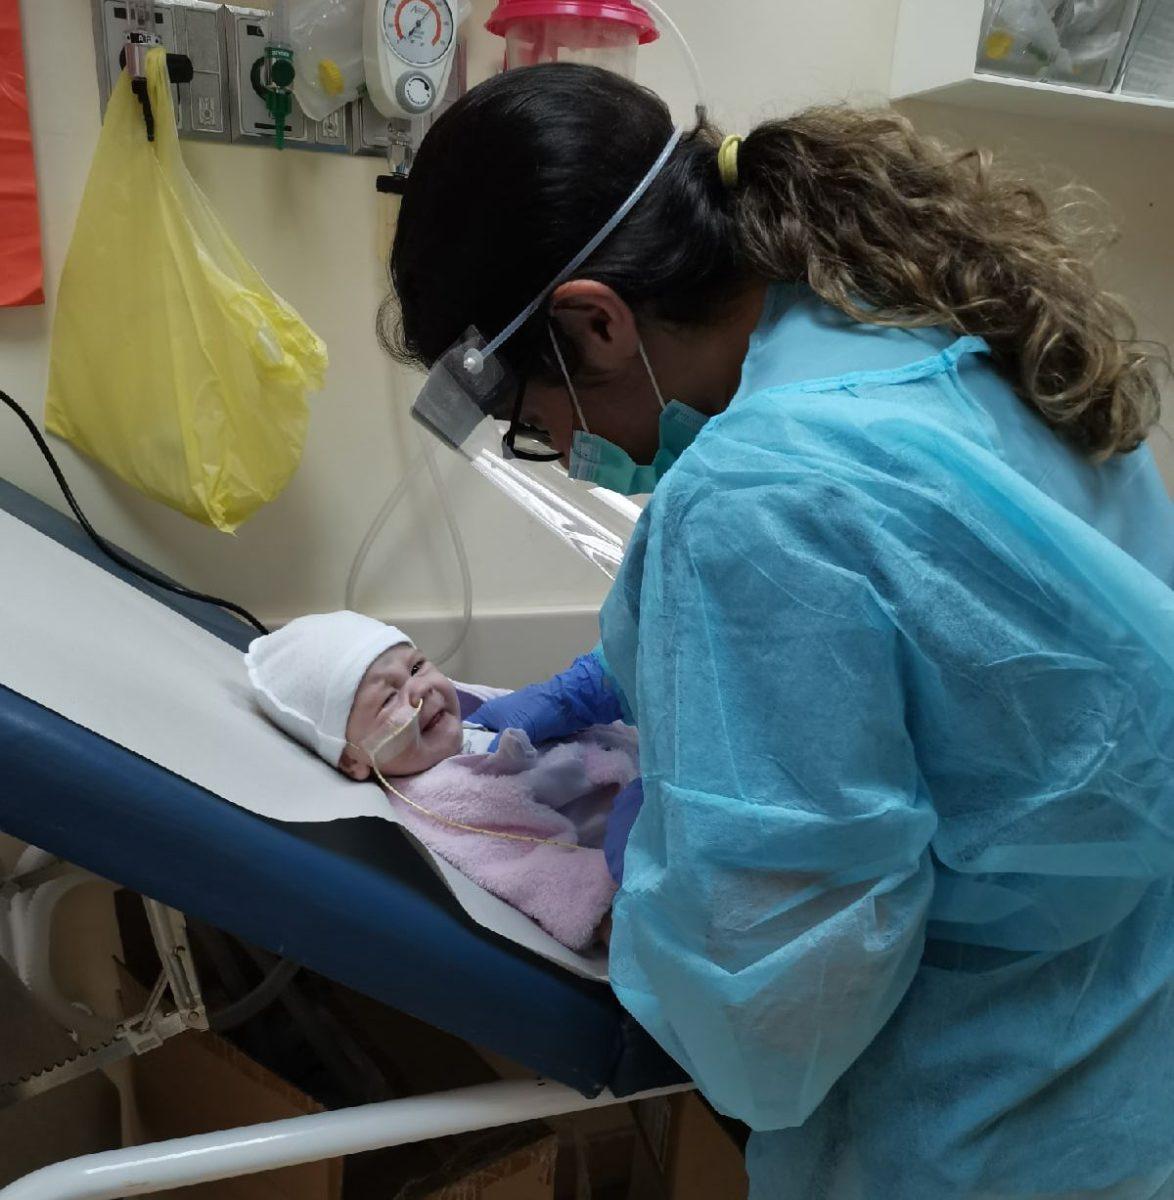 Софию подготавливают к процедуре для вытягивания мокроты аспиратором. Фото: архив Юлии ЖАГУНЬ